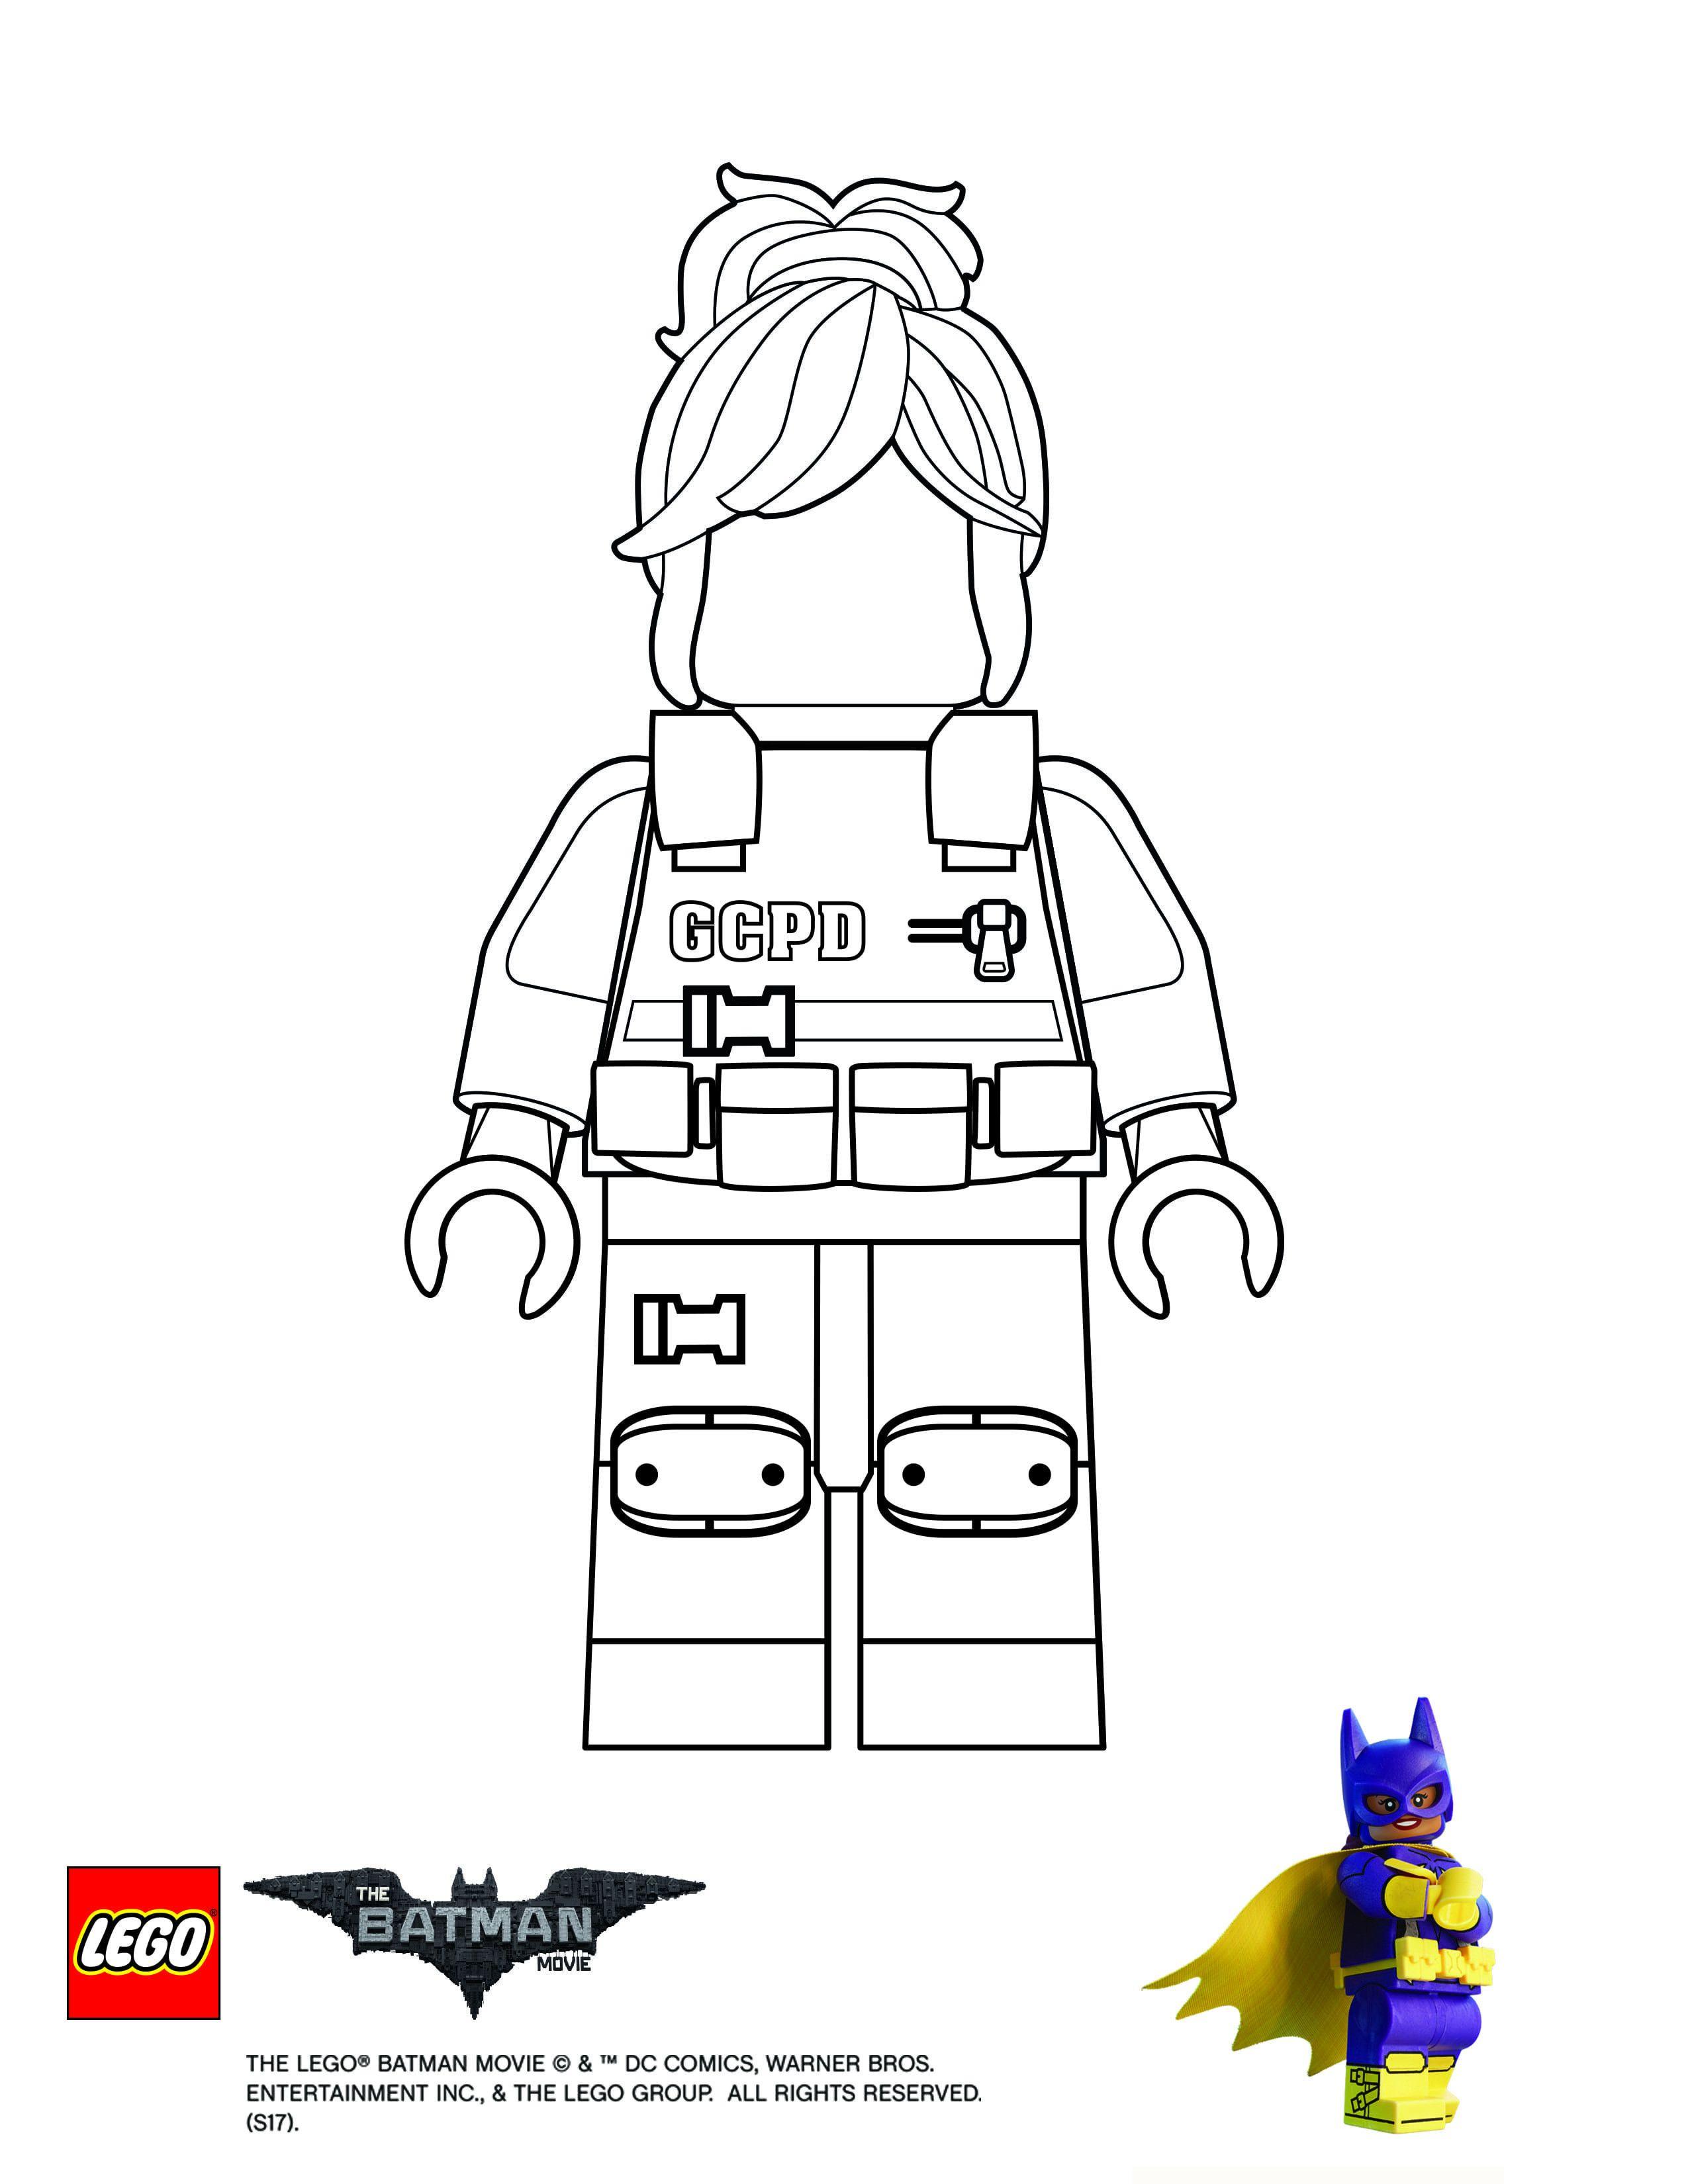 99 Einzigartig Ausmalbild Lego Batman Stock Malvorlagen Fur Jungen Lego Batman Kostenlose Ausmalbilder